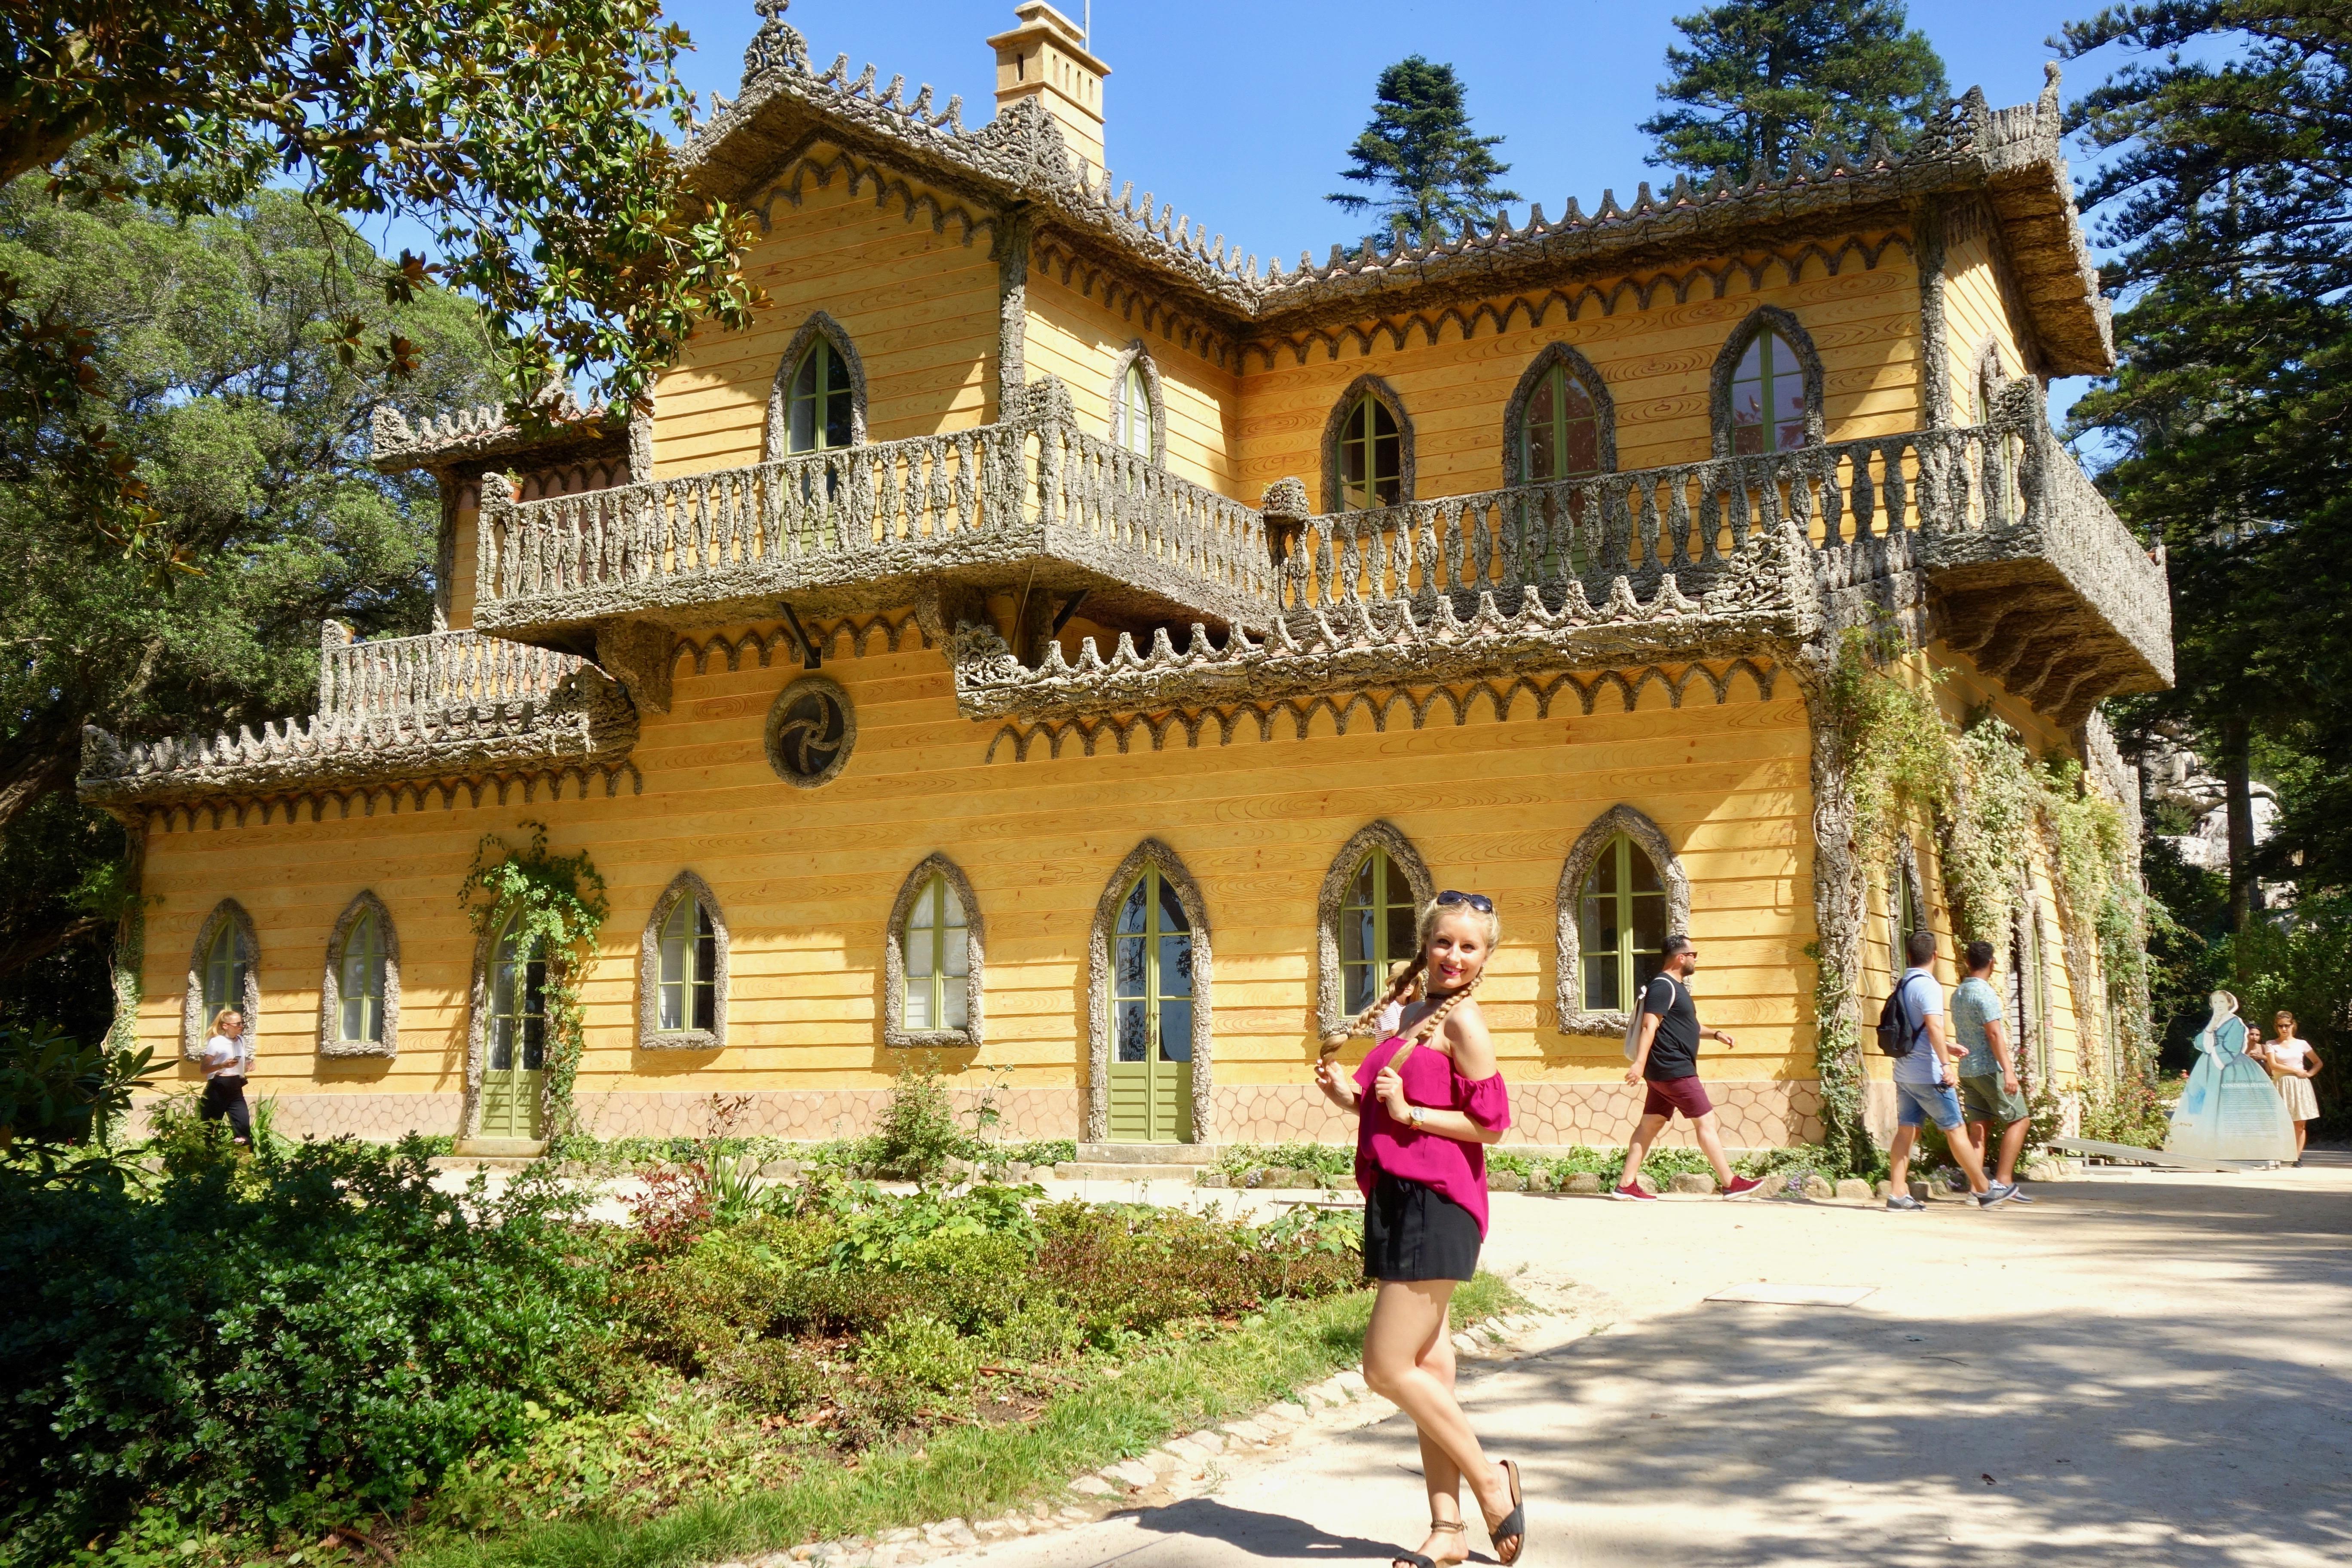 Sintra : Palácio da Pena (UNESCO Weltkulturerbe) Chalet der Gräfin von Edla